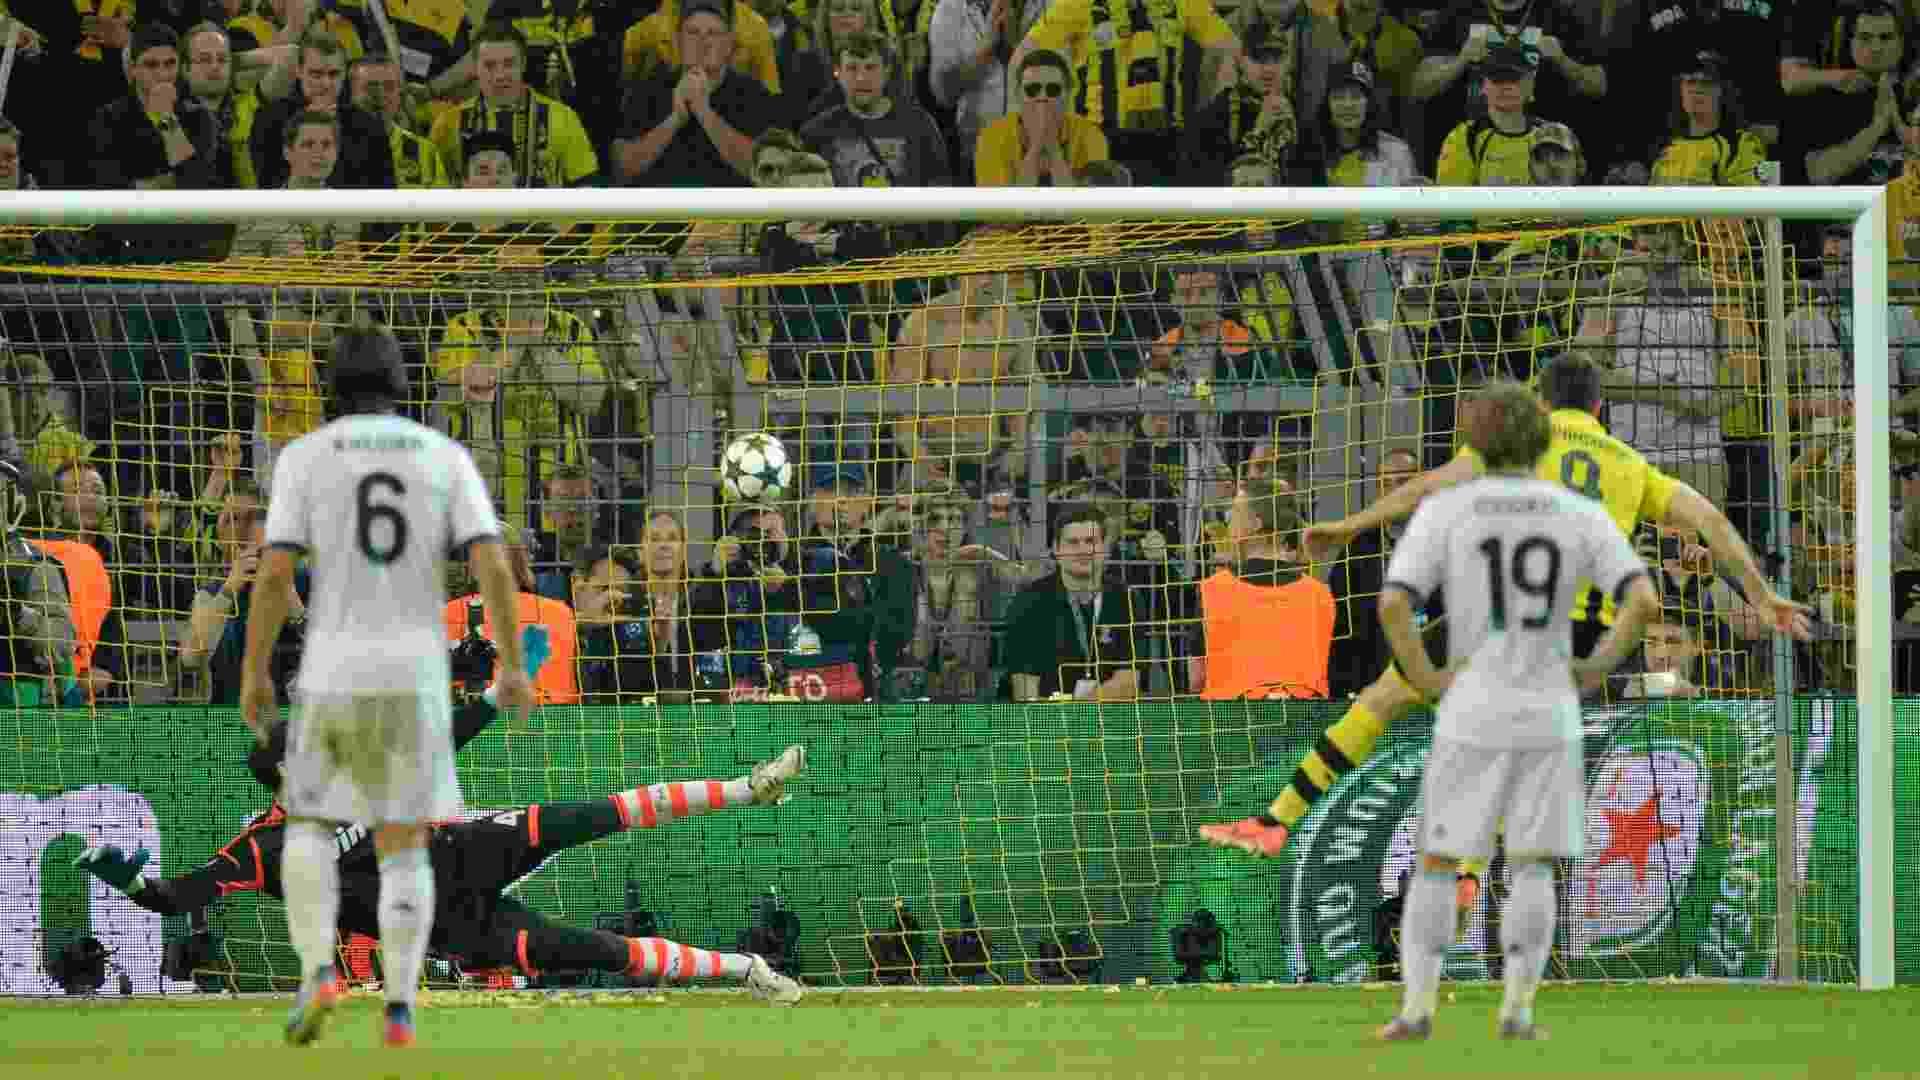 24.abr.2013 - Lewandowski solta a bomba de pênalti para marcar o quarto gol do Borussia Dortmund contra o Real Madrid pela primeira semifinal da Liga dos Campeões - AP Photo/Martin Meissner